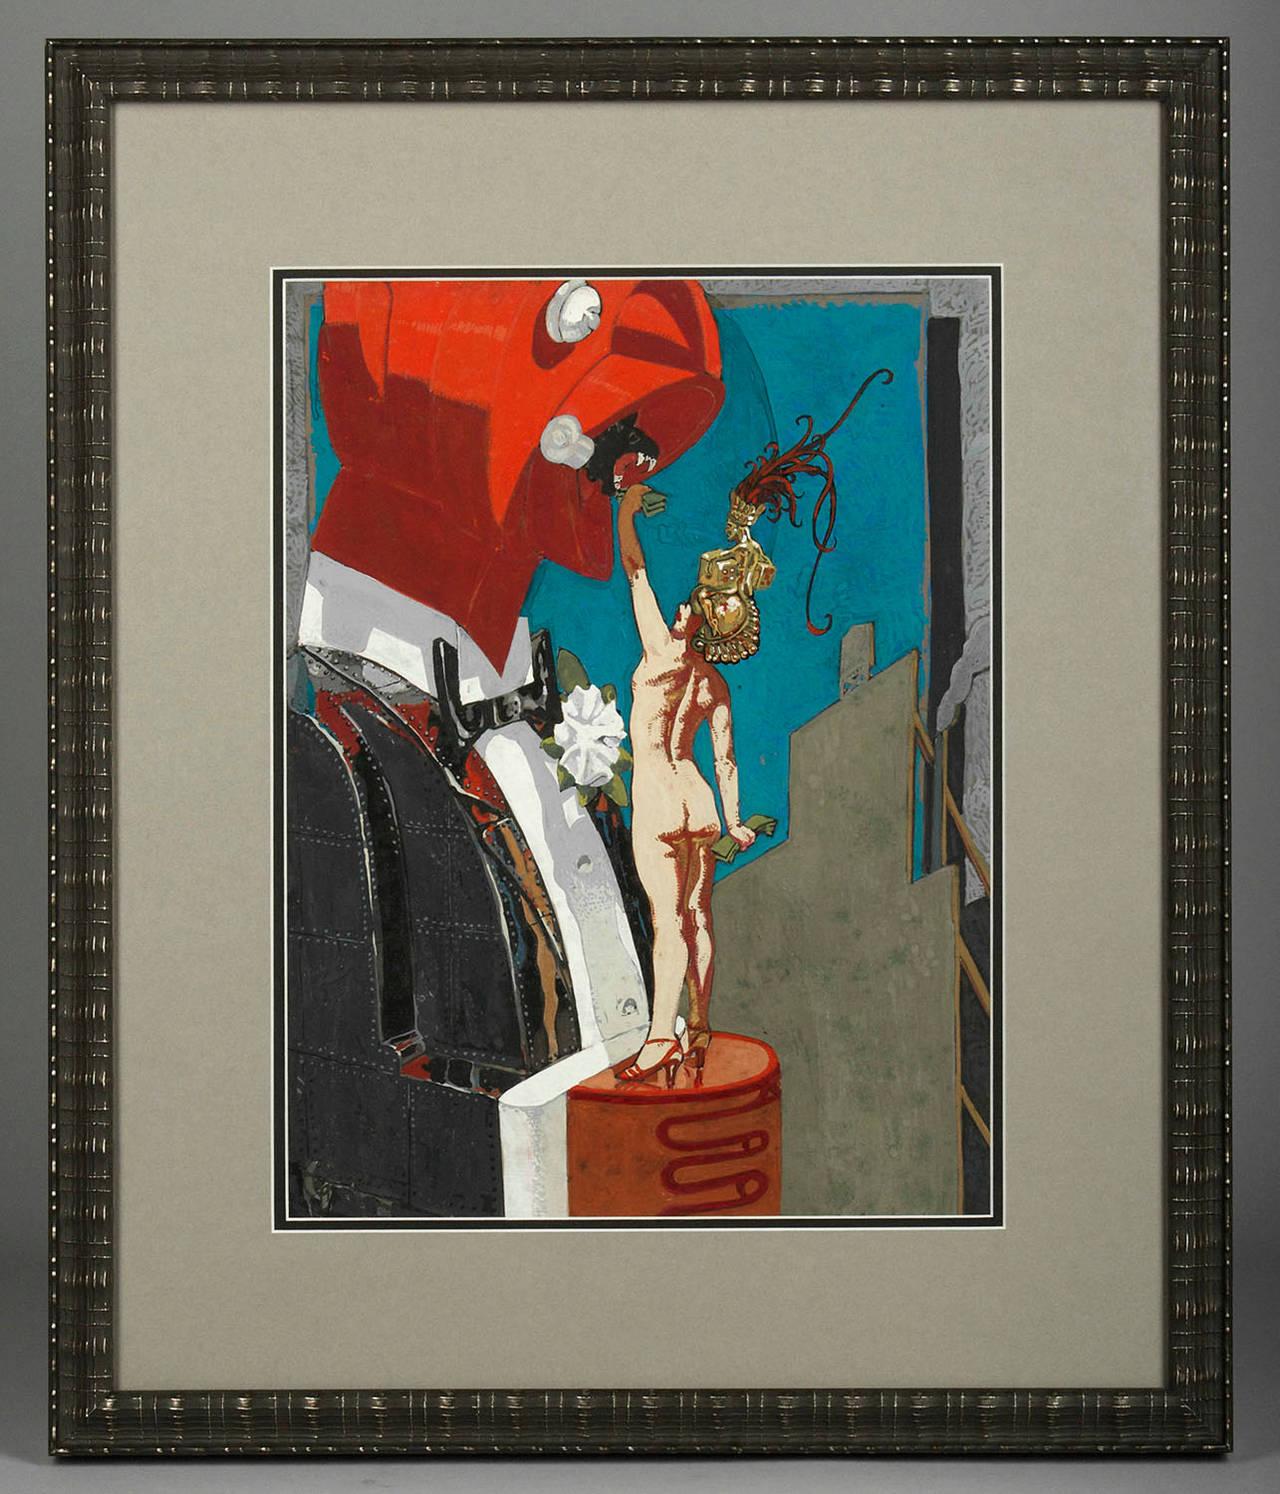 Feeding the Man - Painting by Mahlon Blaine